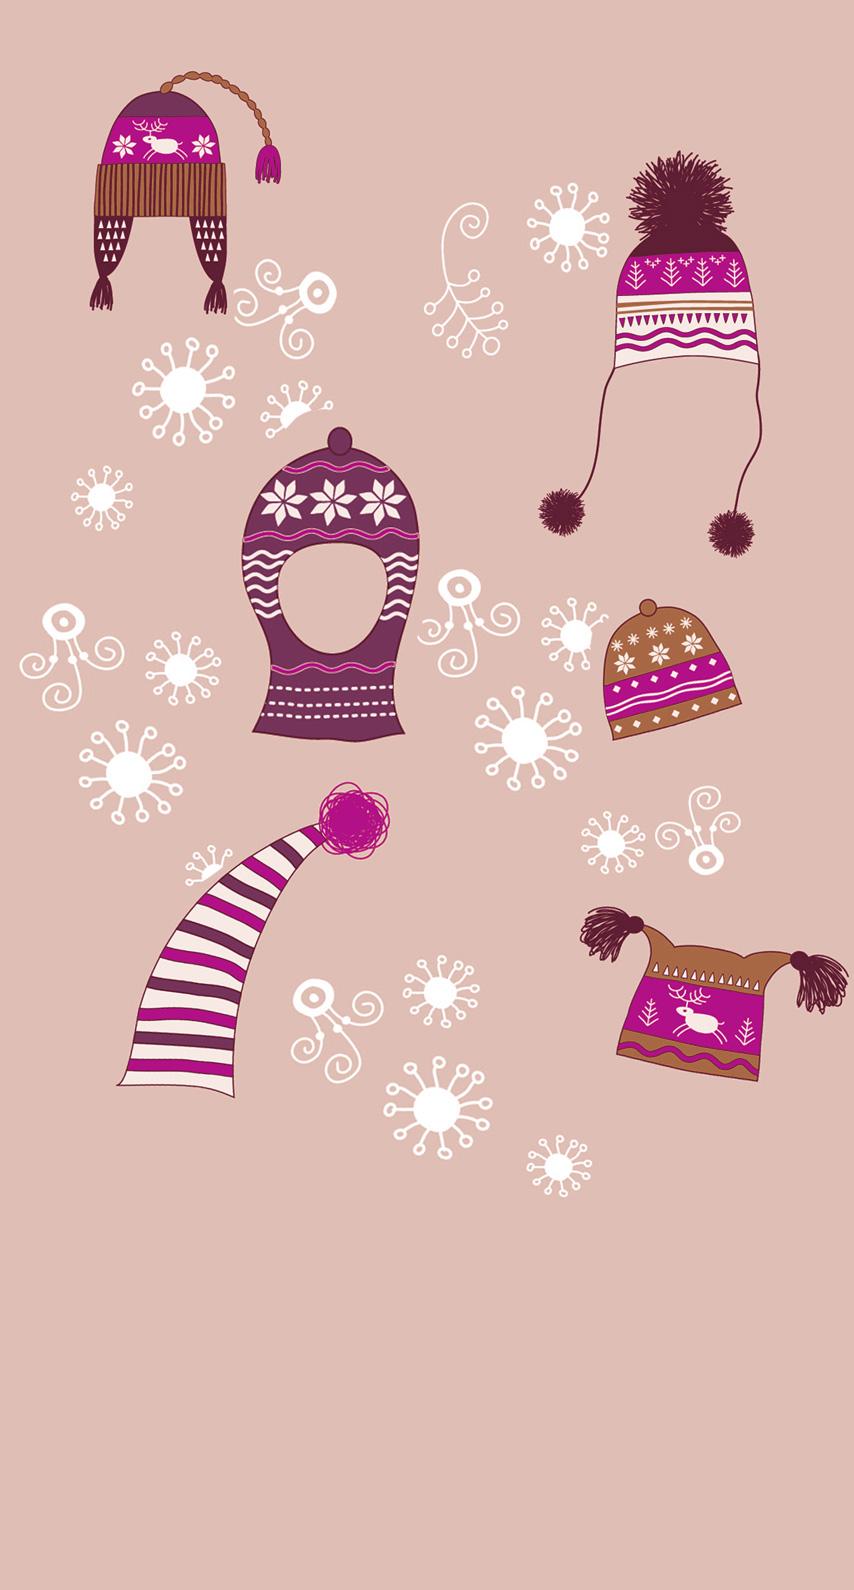 冬雪帽子桃可愛い女子向け Wallpaper Sc Iphone6s壁紙